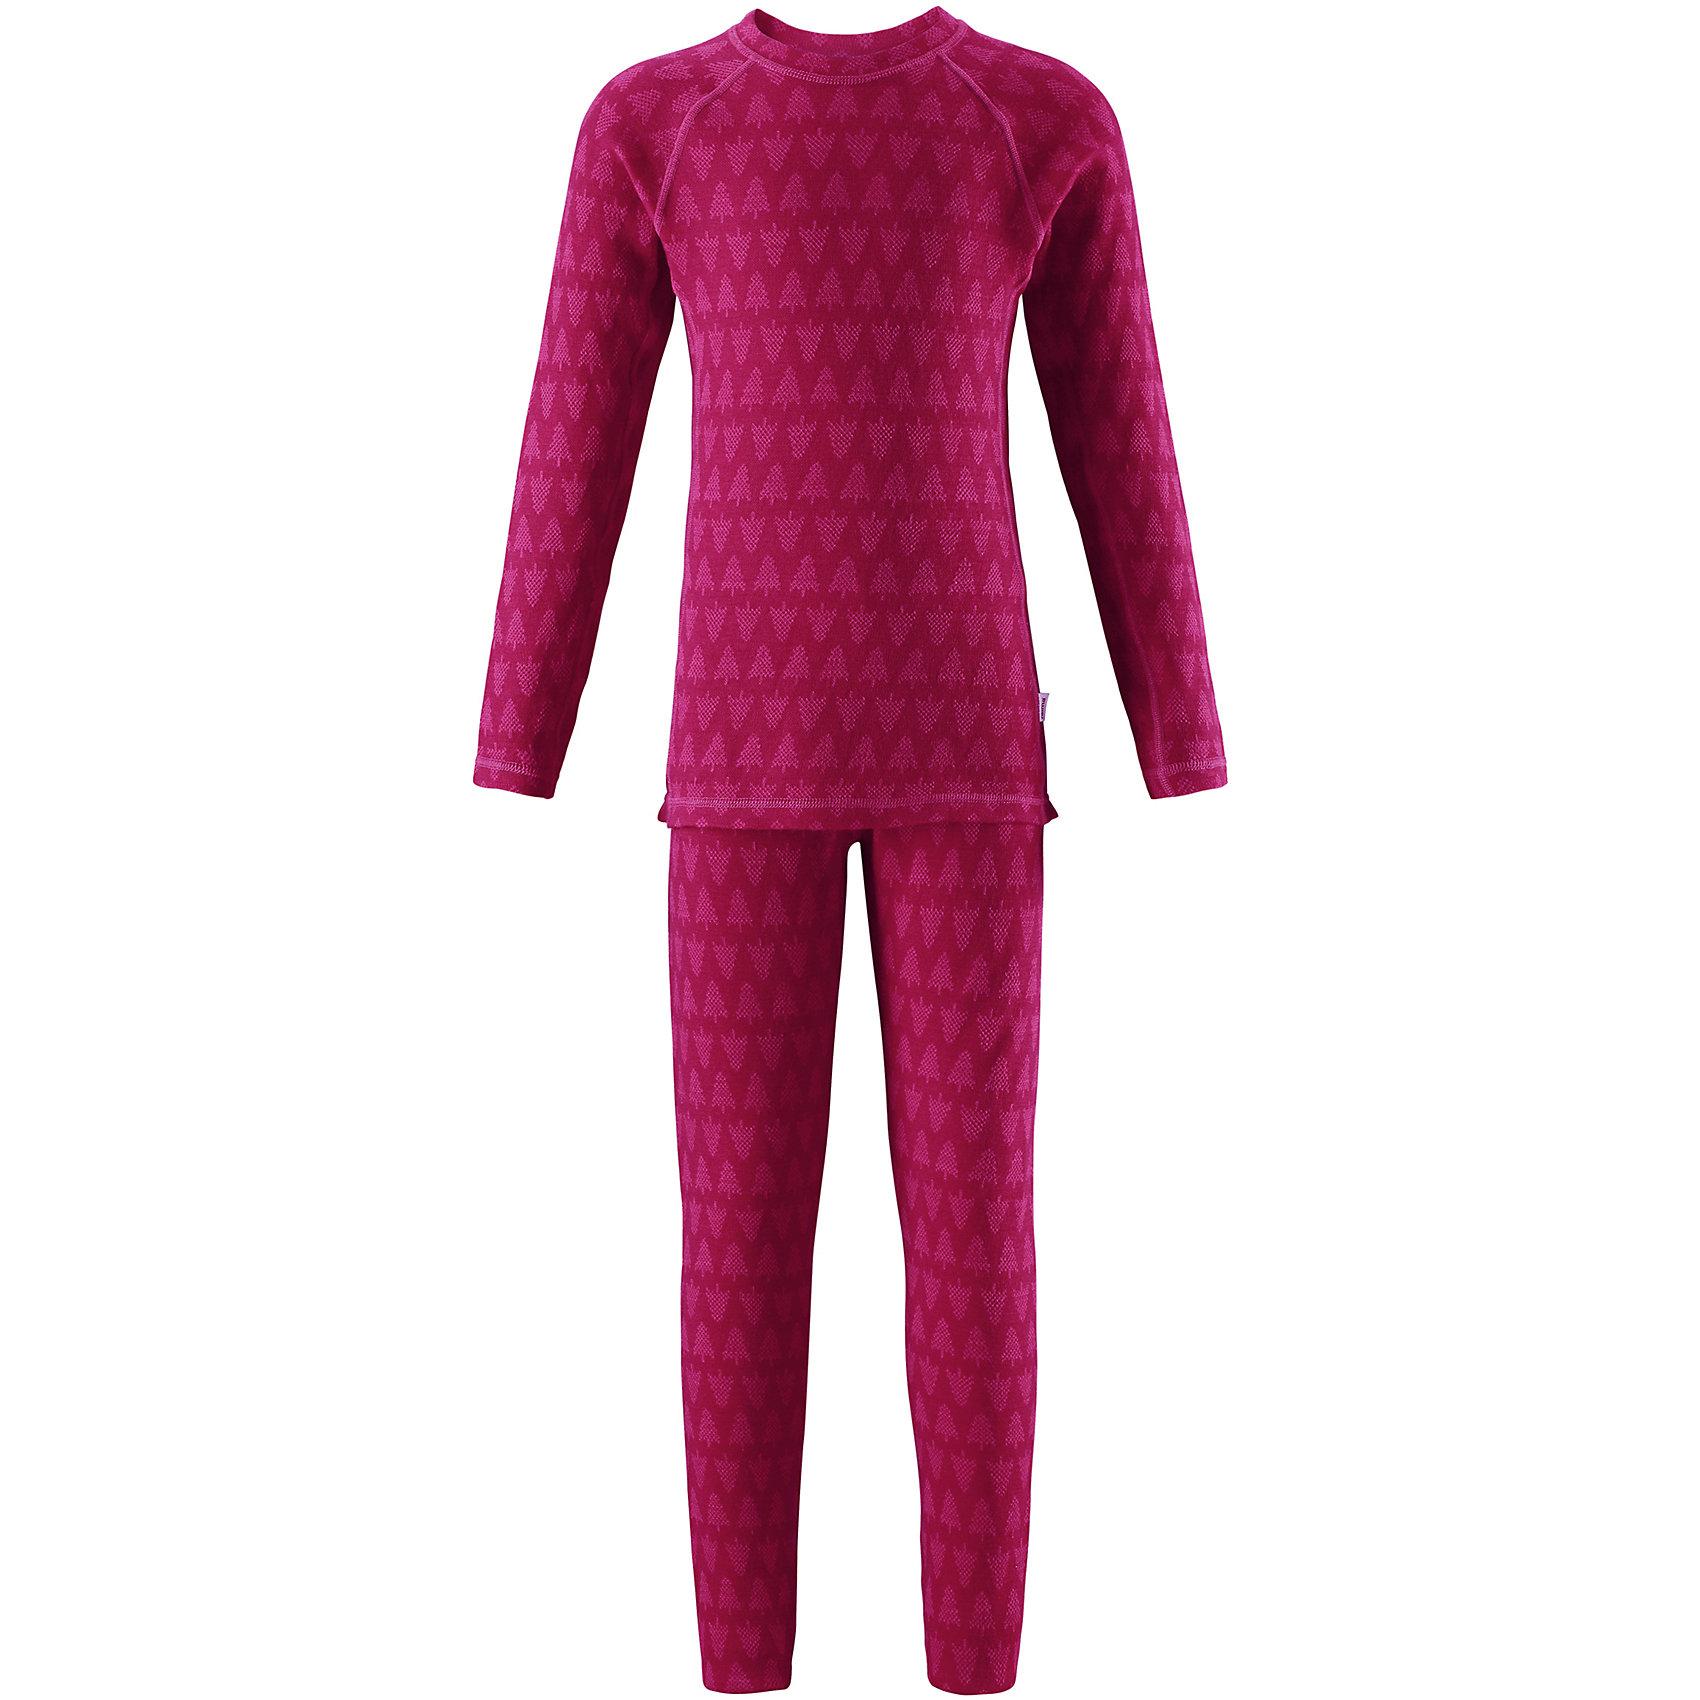 Комплект нижнего белья Reima TaivalФлис и термобелье<br>Характеристики товара:<br><br>• цвет: розовый;<br>• состав: 80% шерсть, 20% полиамид;<br>• сезон: демисезон;<br>• шерсть идеально поддерживает температуру;<br>• мягкие плоские швы для дополнительного комфорта: не раздражают кожу;<br>• удлиненный подол сзади для дополнительной защиты;<br>• эластичная талия;<br>• страна бренда: Финляндия;<br>• страна изготовитель: Китай;<br><br>Детский базовый комплект изготовлен из невероятно мягкого шерстяного жаккарда, который превосходно регулирует температуру, благодаря чему этот комплект можно носить круглый год. Этот материал очень приятный на ощупь, а мягкие плоские швы совершенно не натирают кожу. Эластичный трикотаж плотно сидит, но при этом позволяет свободно двигаться. <br><br>Комплект нижнего белья Taival Reima (Рейма) можно купить в нашем интернет-магазине.<br><br>Ширина мм: 196<br>Глубина мм: 10<br>Высота мм: 154<br>Вес г: 152<br>Цвет: розовый<br>Возраст от месяцев: 84<br>Возраст до месяцев: 96<br>Пол: Унисекс<br>Возраст: Детский<br>Размер: 160,110,80,90,100,120,130,140,150<br>SKU: 6904460